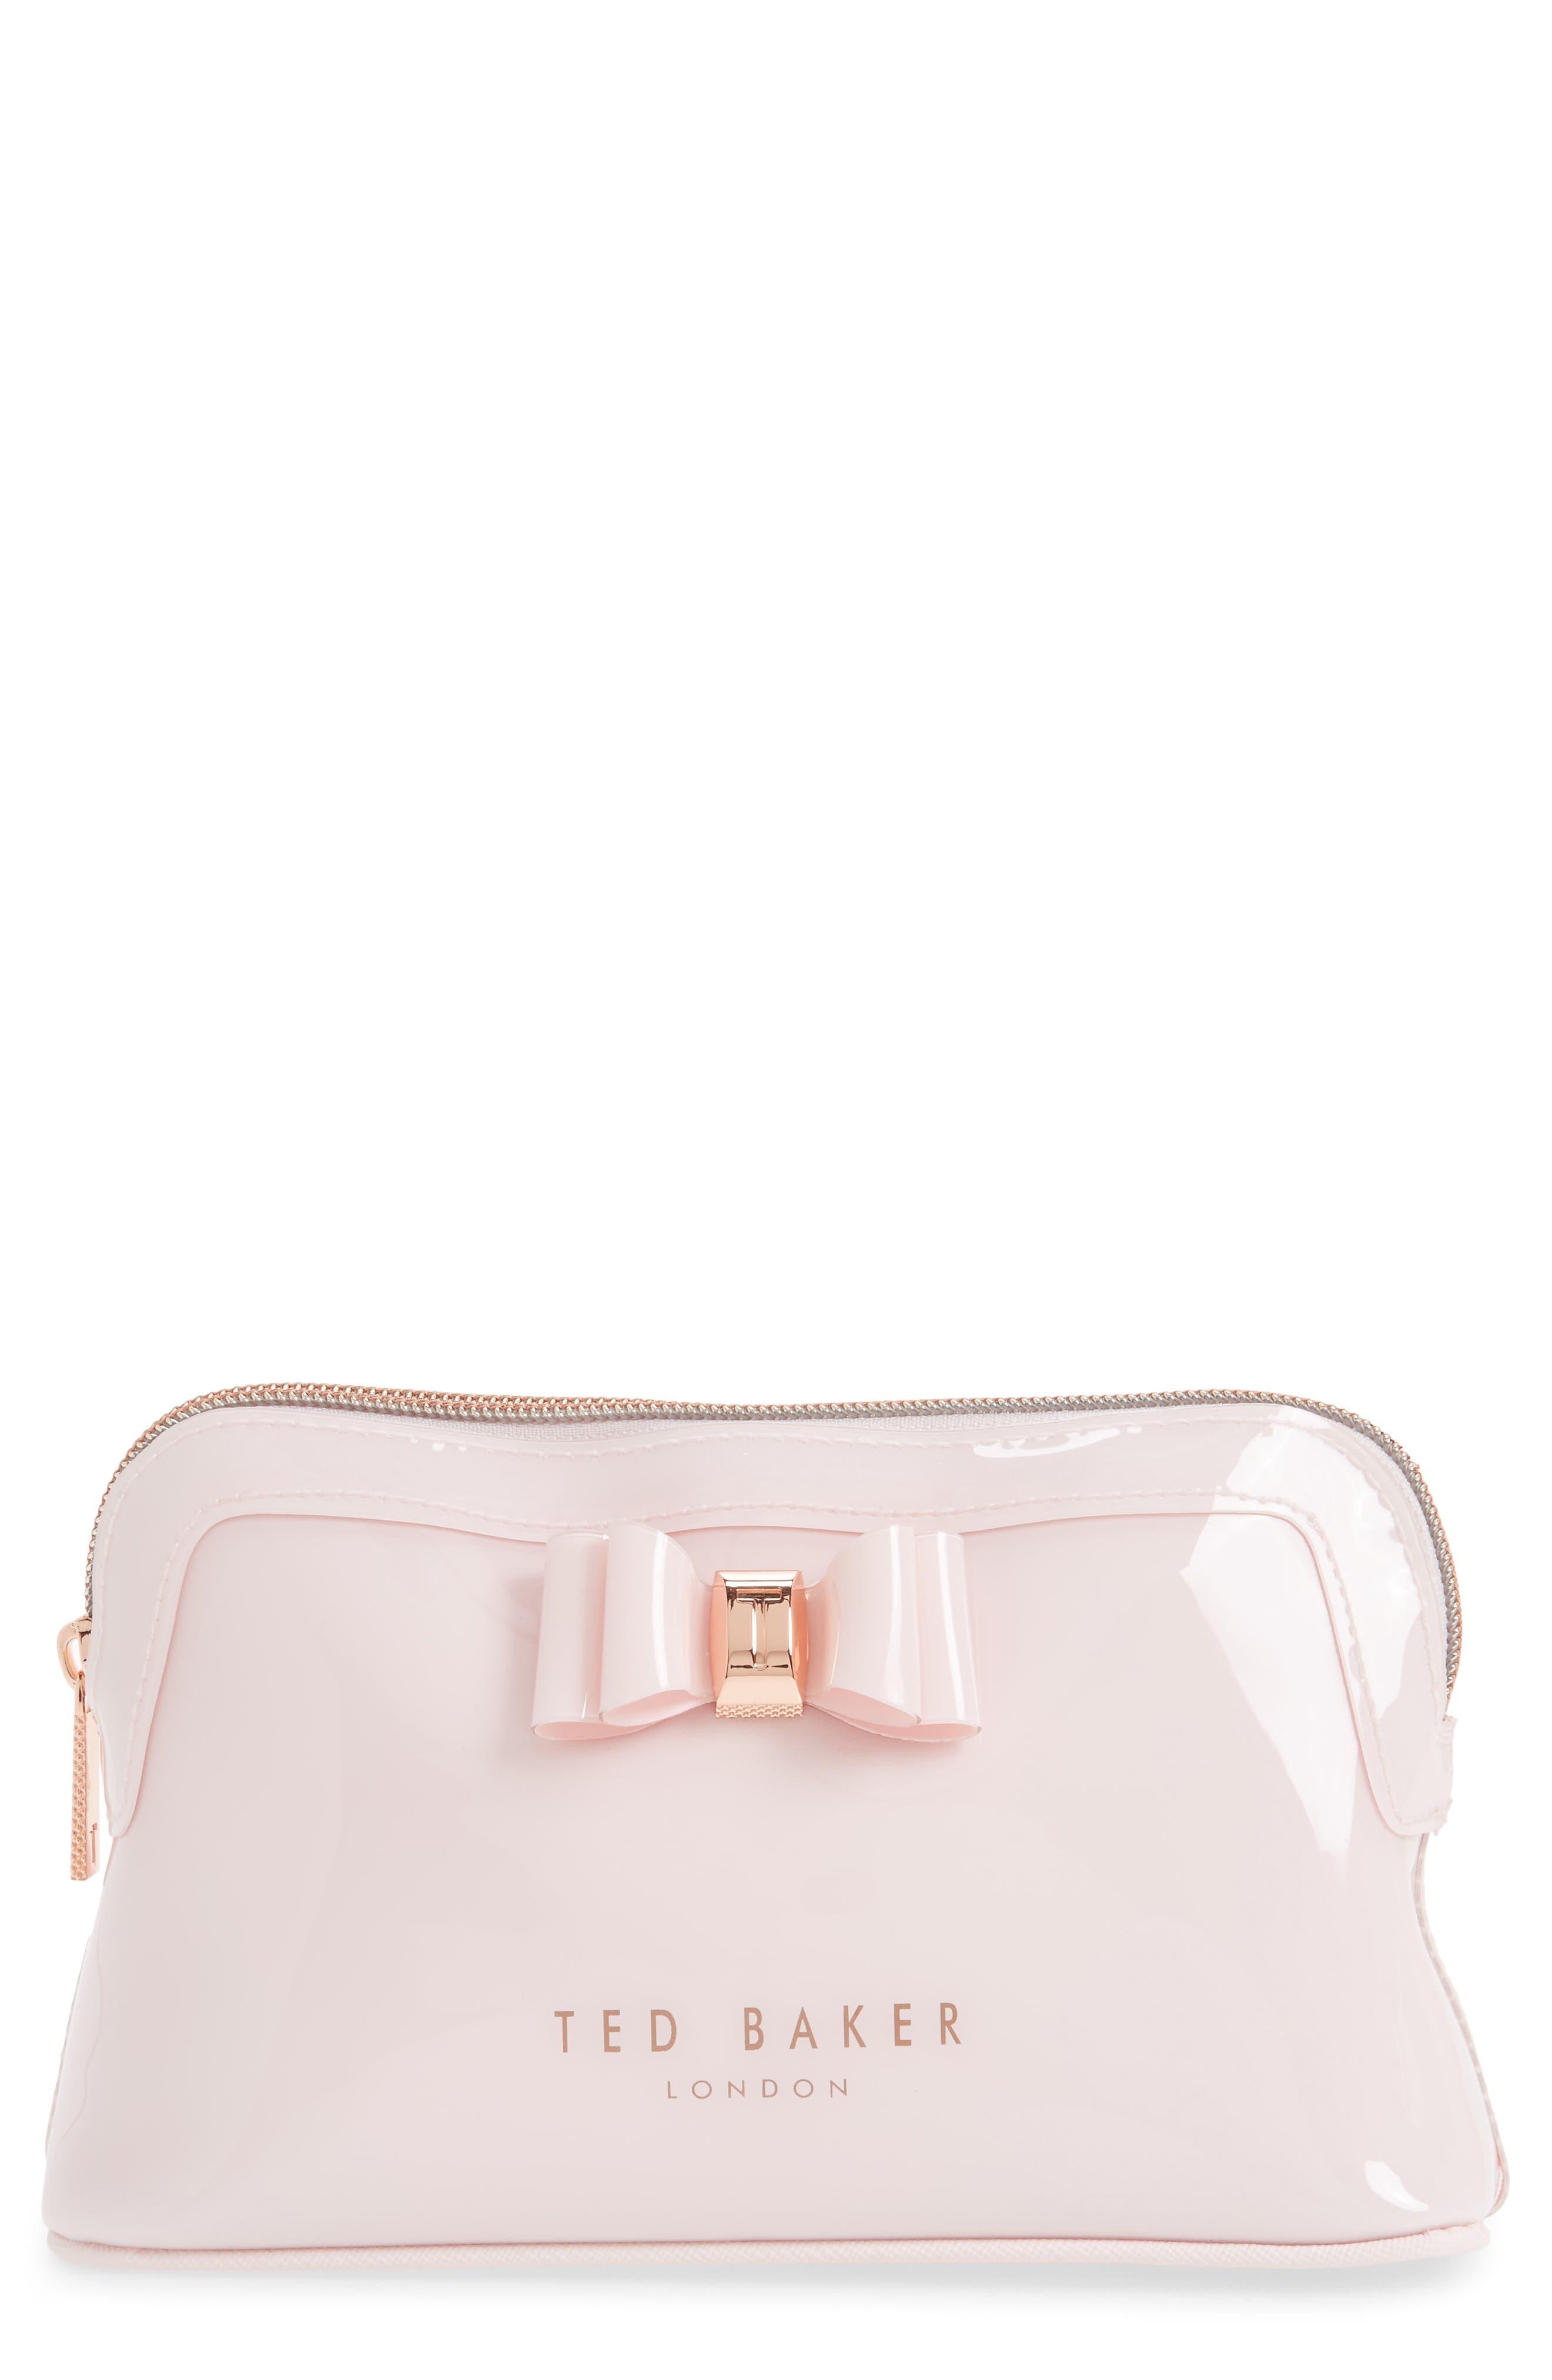 Julis Bow PVC Cosmetics Case,                         Main,                         color, 652